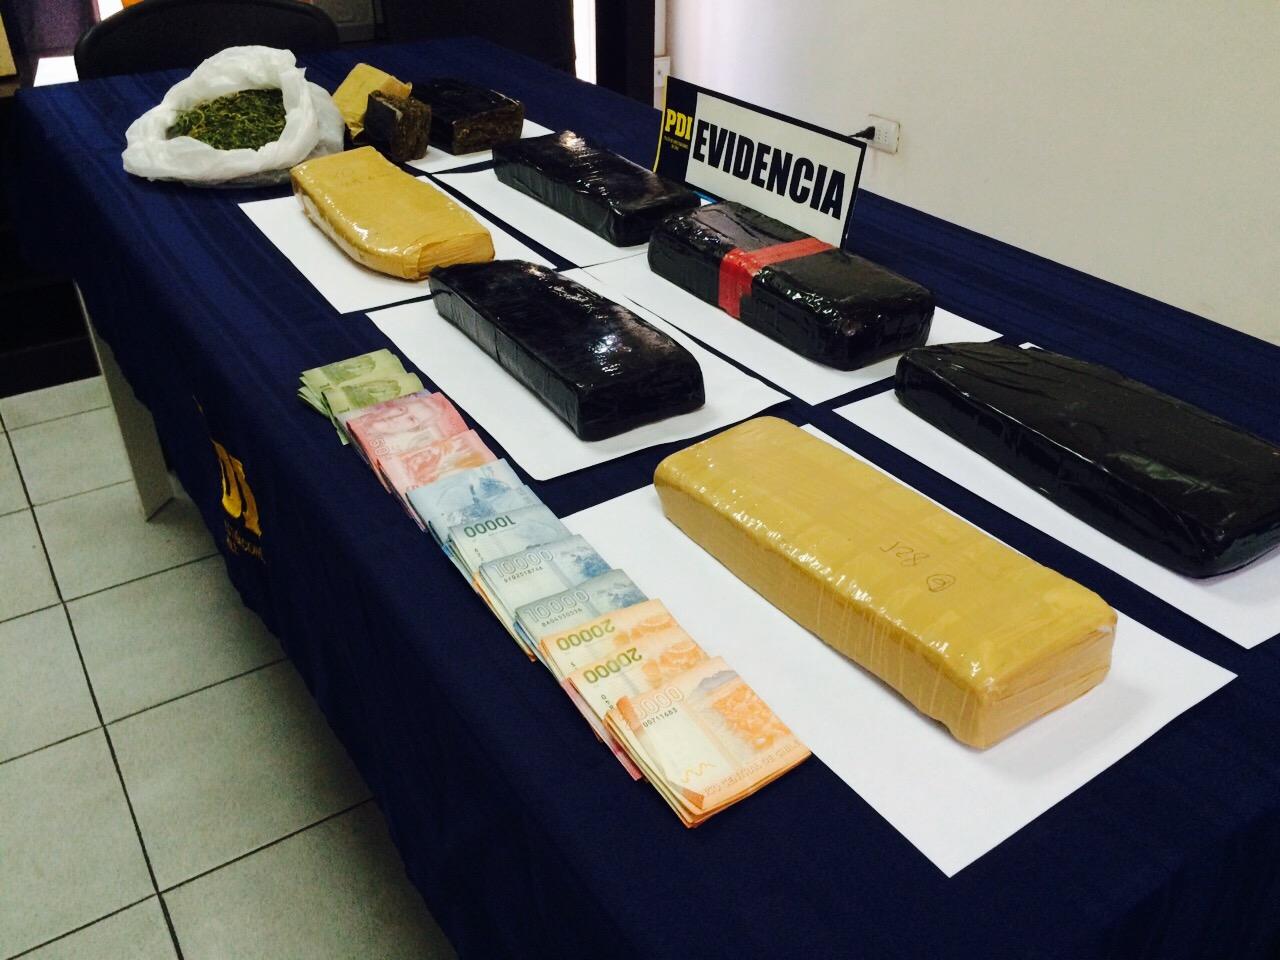 Dejó droga en casa de su madre y se fugó: PDI saca de circulación 6 kilos de marihuana